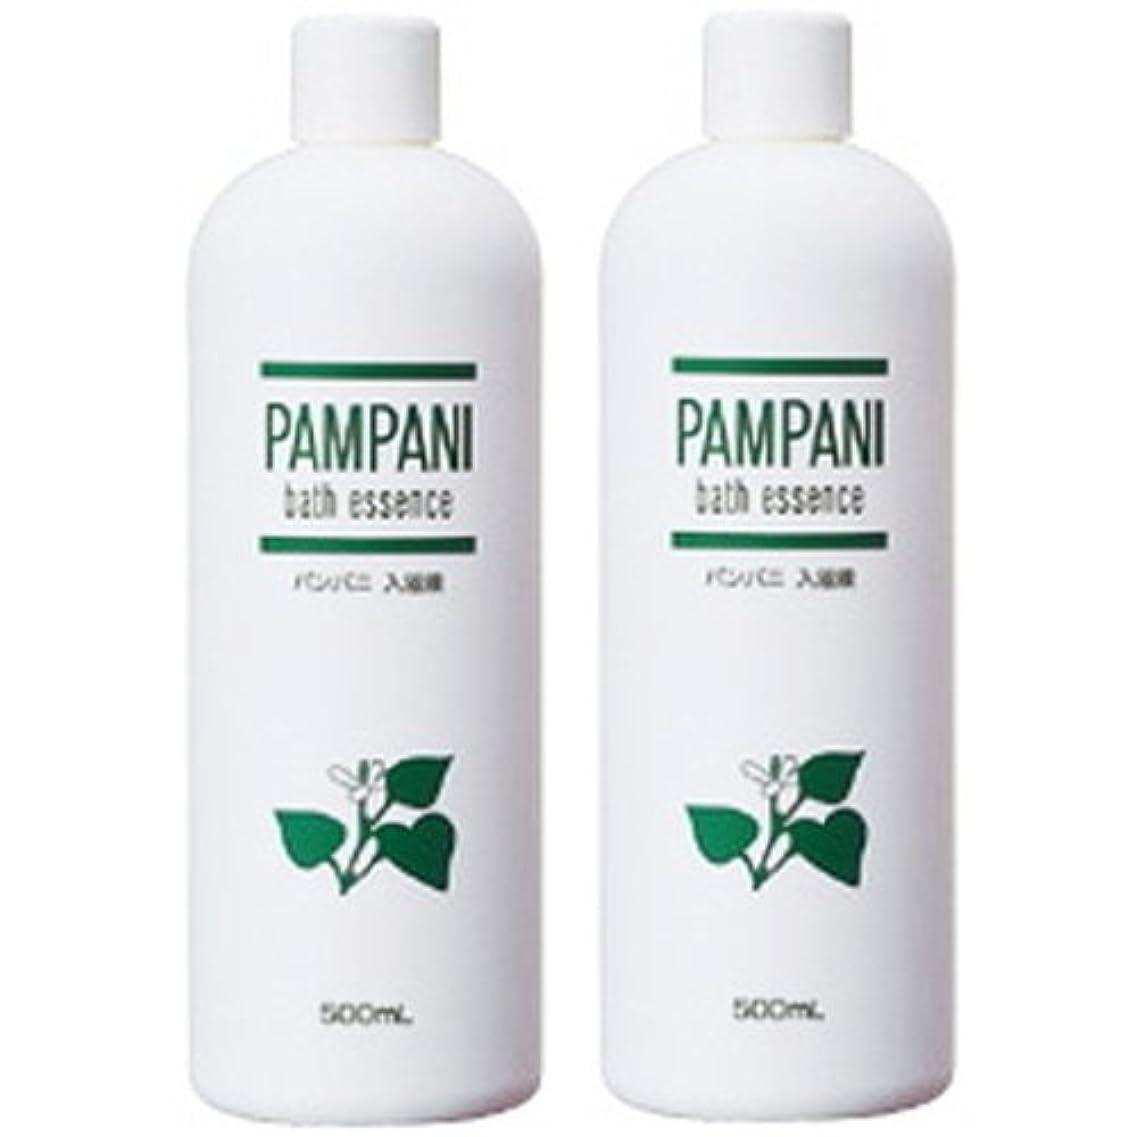 宣言予言する集計パンパニ(PAMPANI) 入浴液 (希釈タイプ) 500ml×2本組